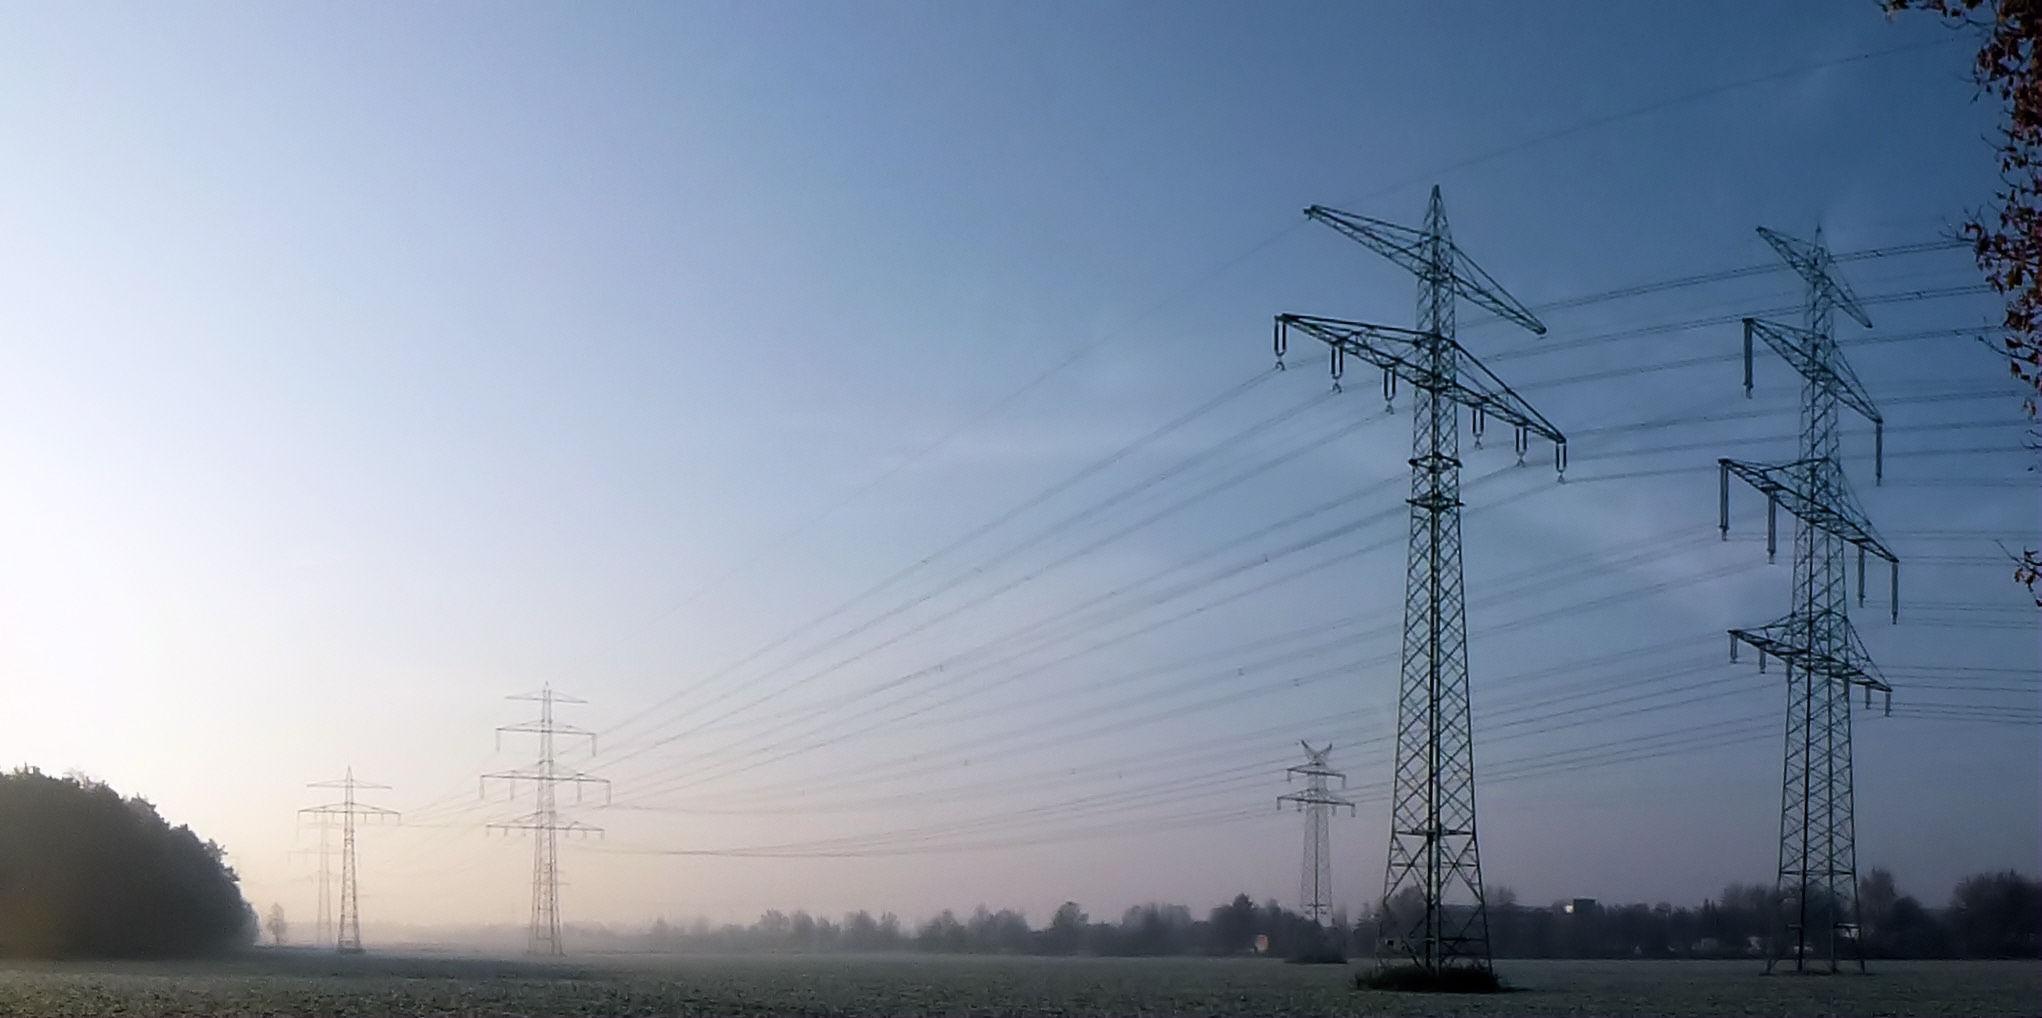 Novembermorgen und Strommasten